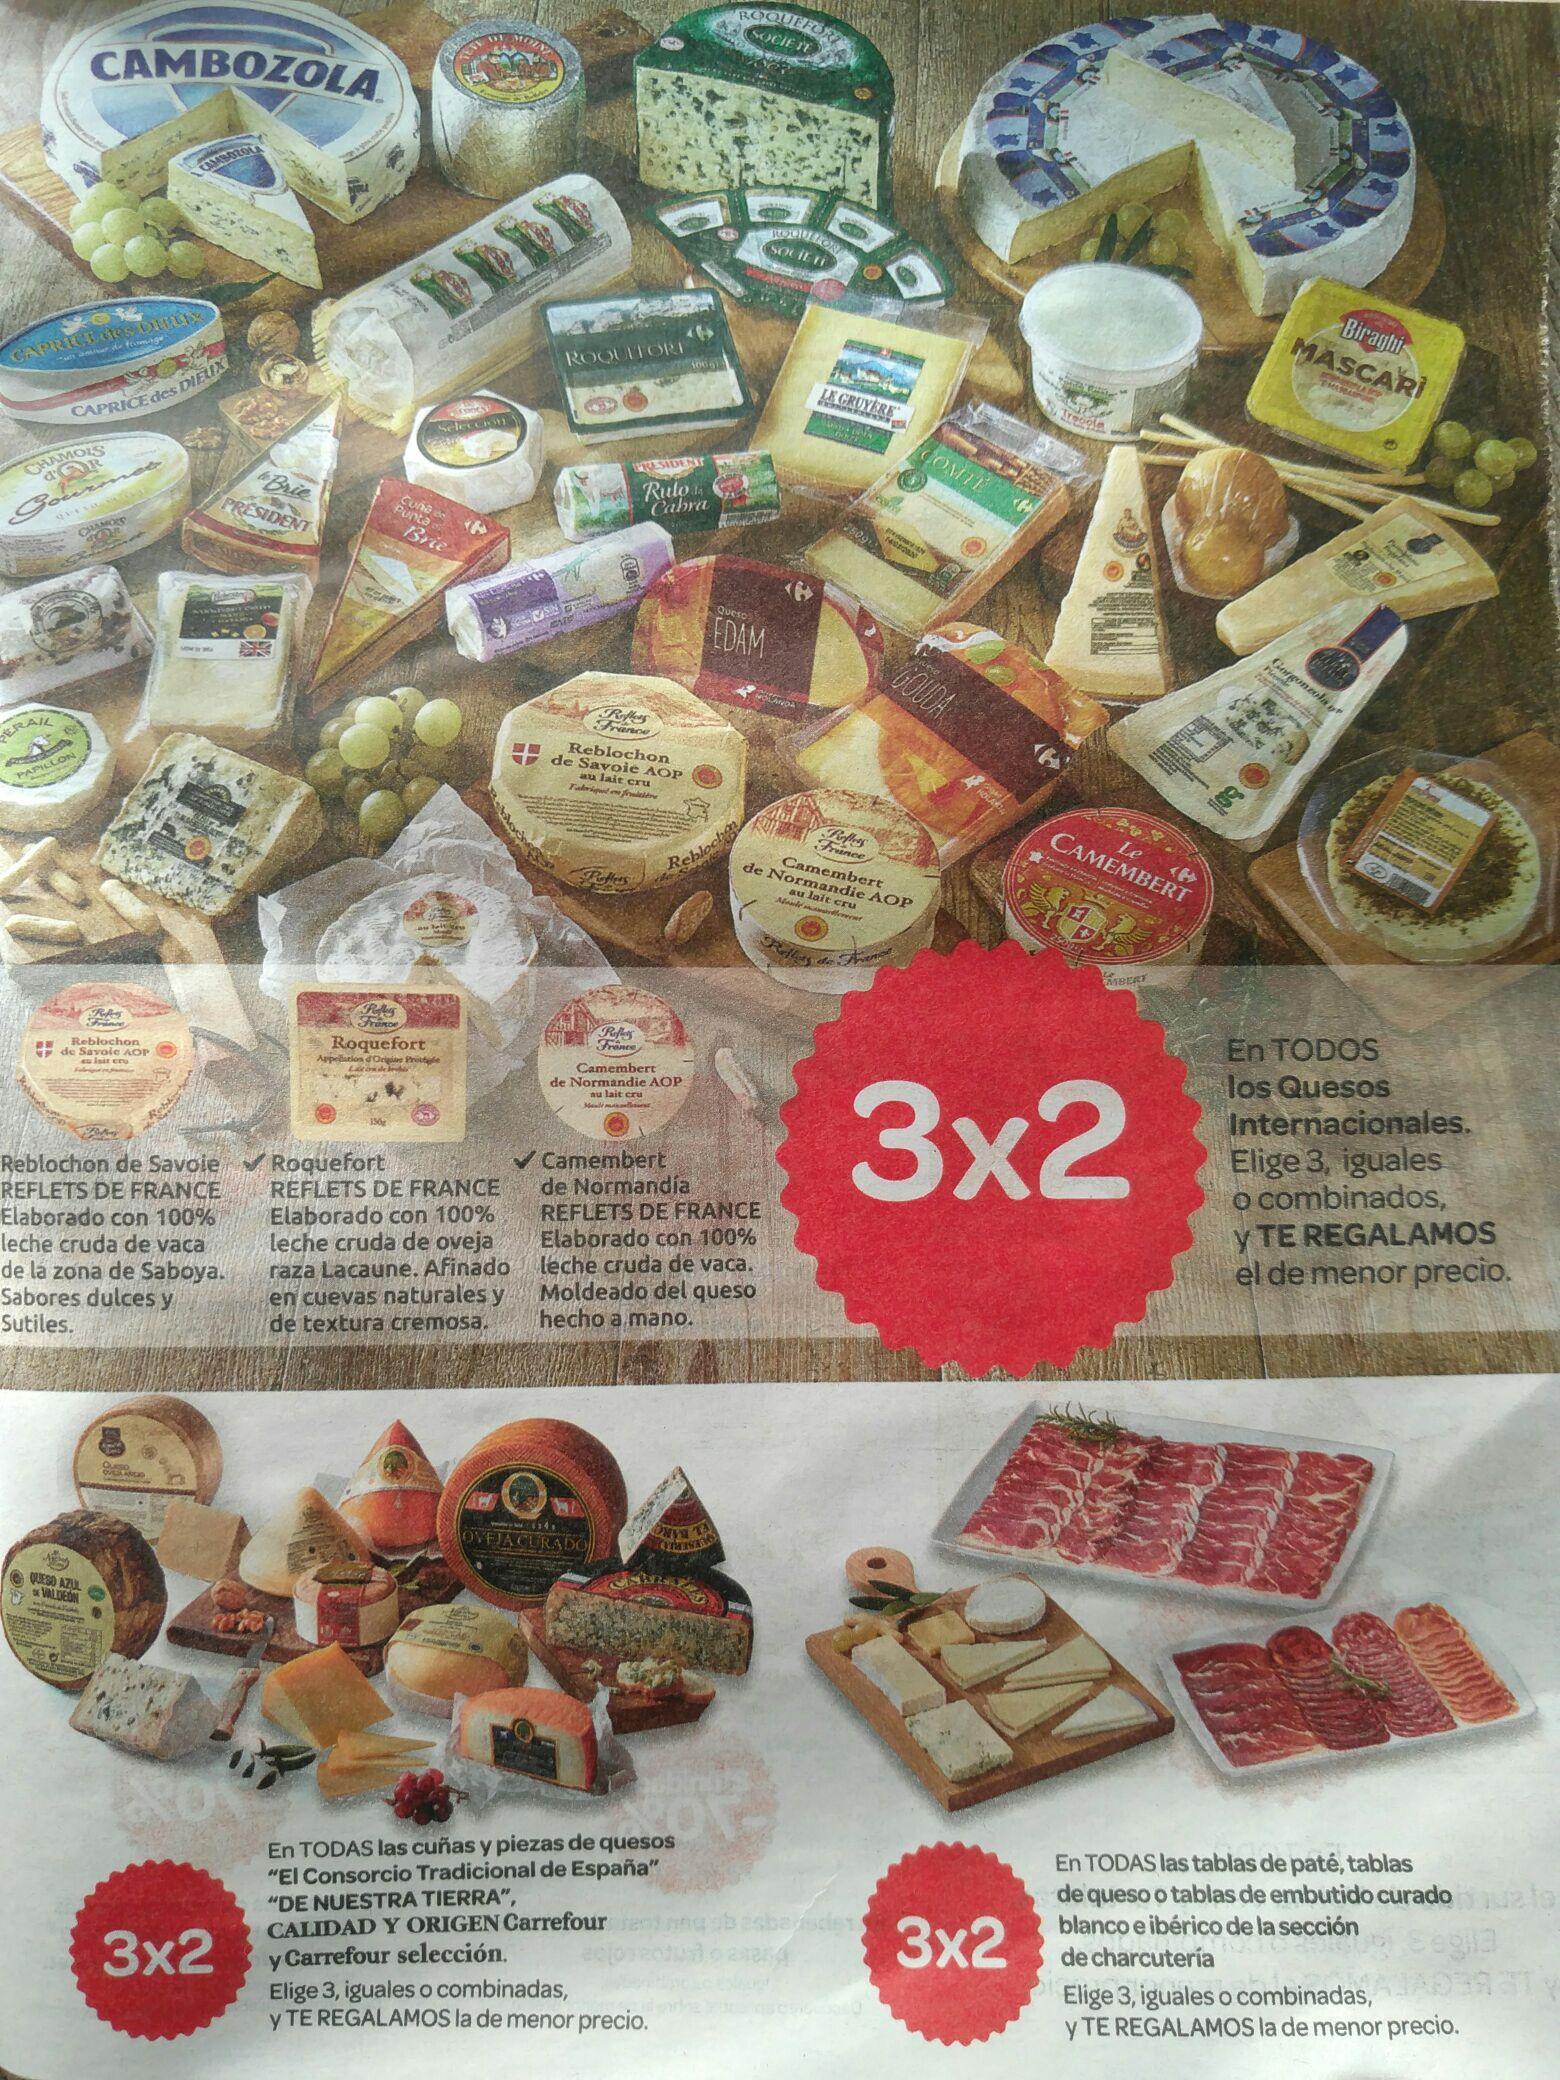 3x2 en quesos internacionales